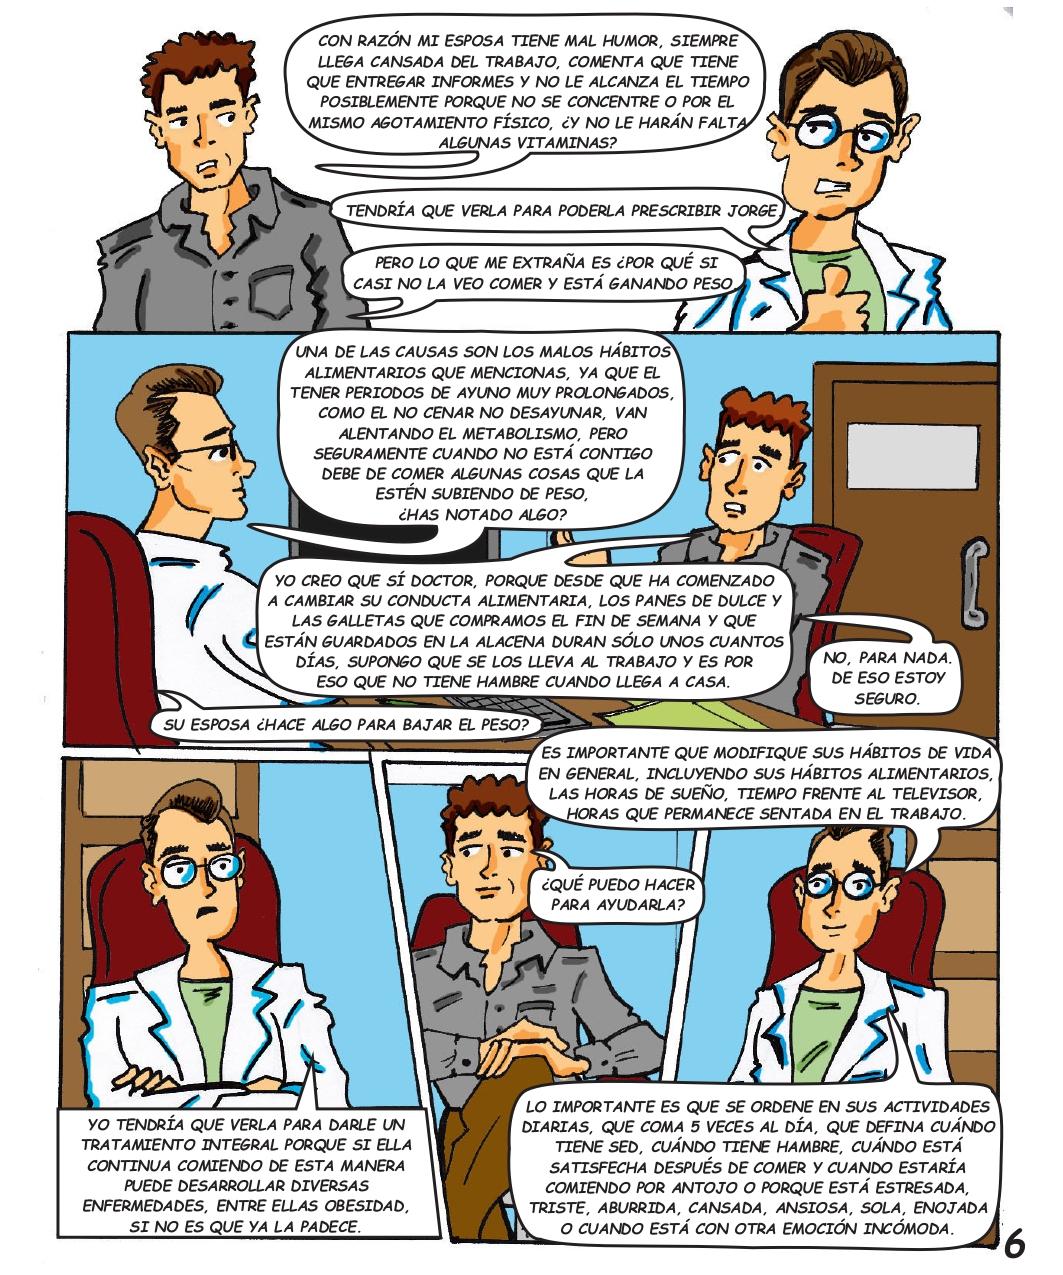 Habitos alimentarios digital_page-0008